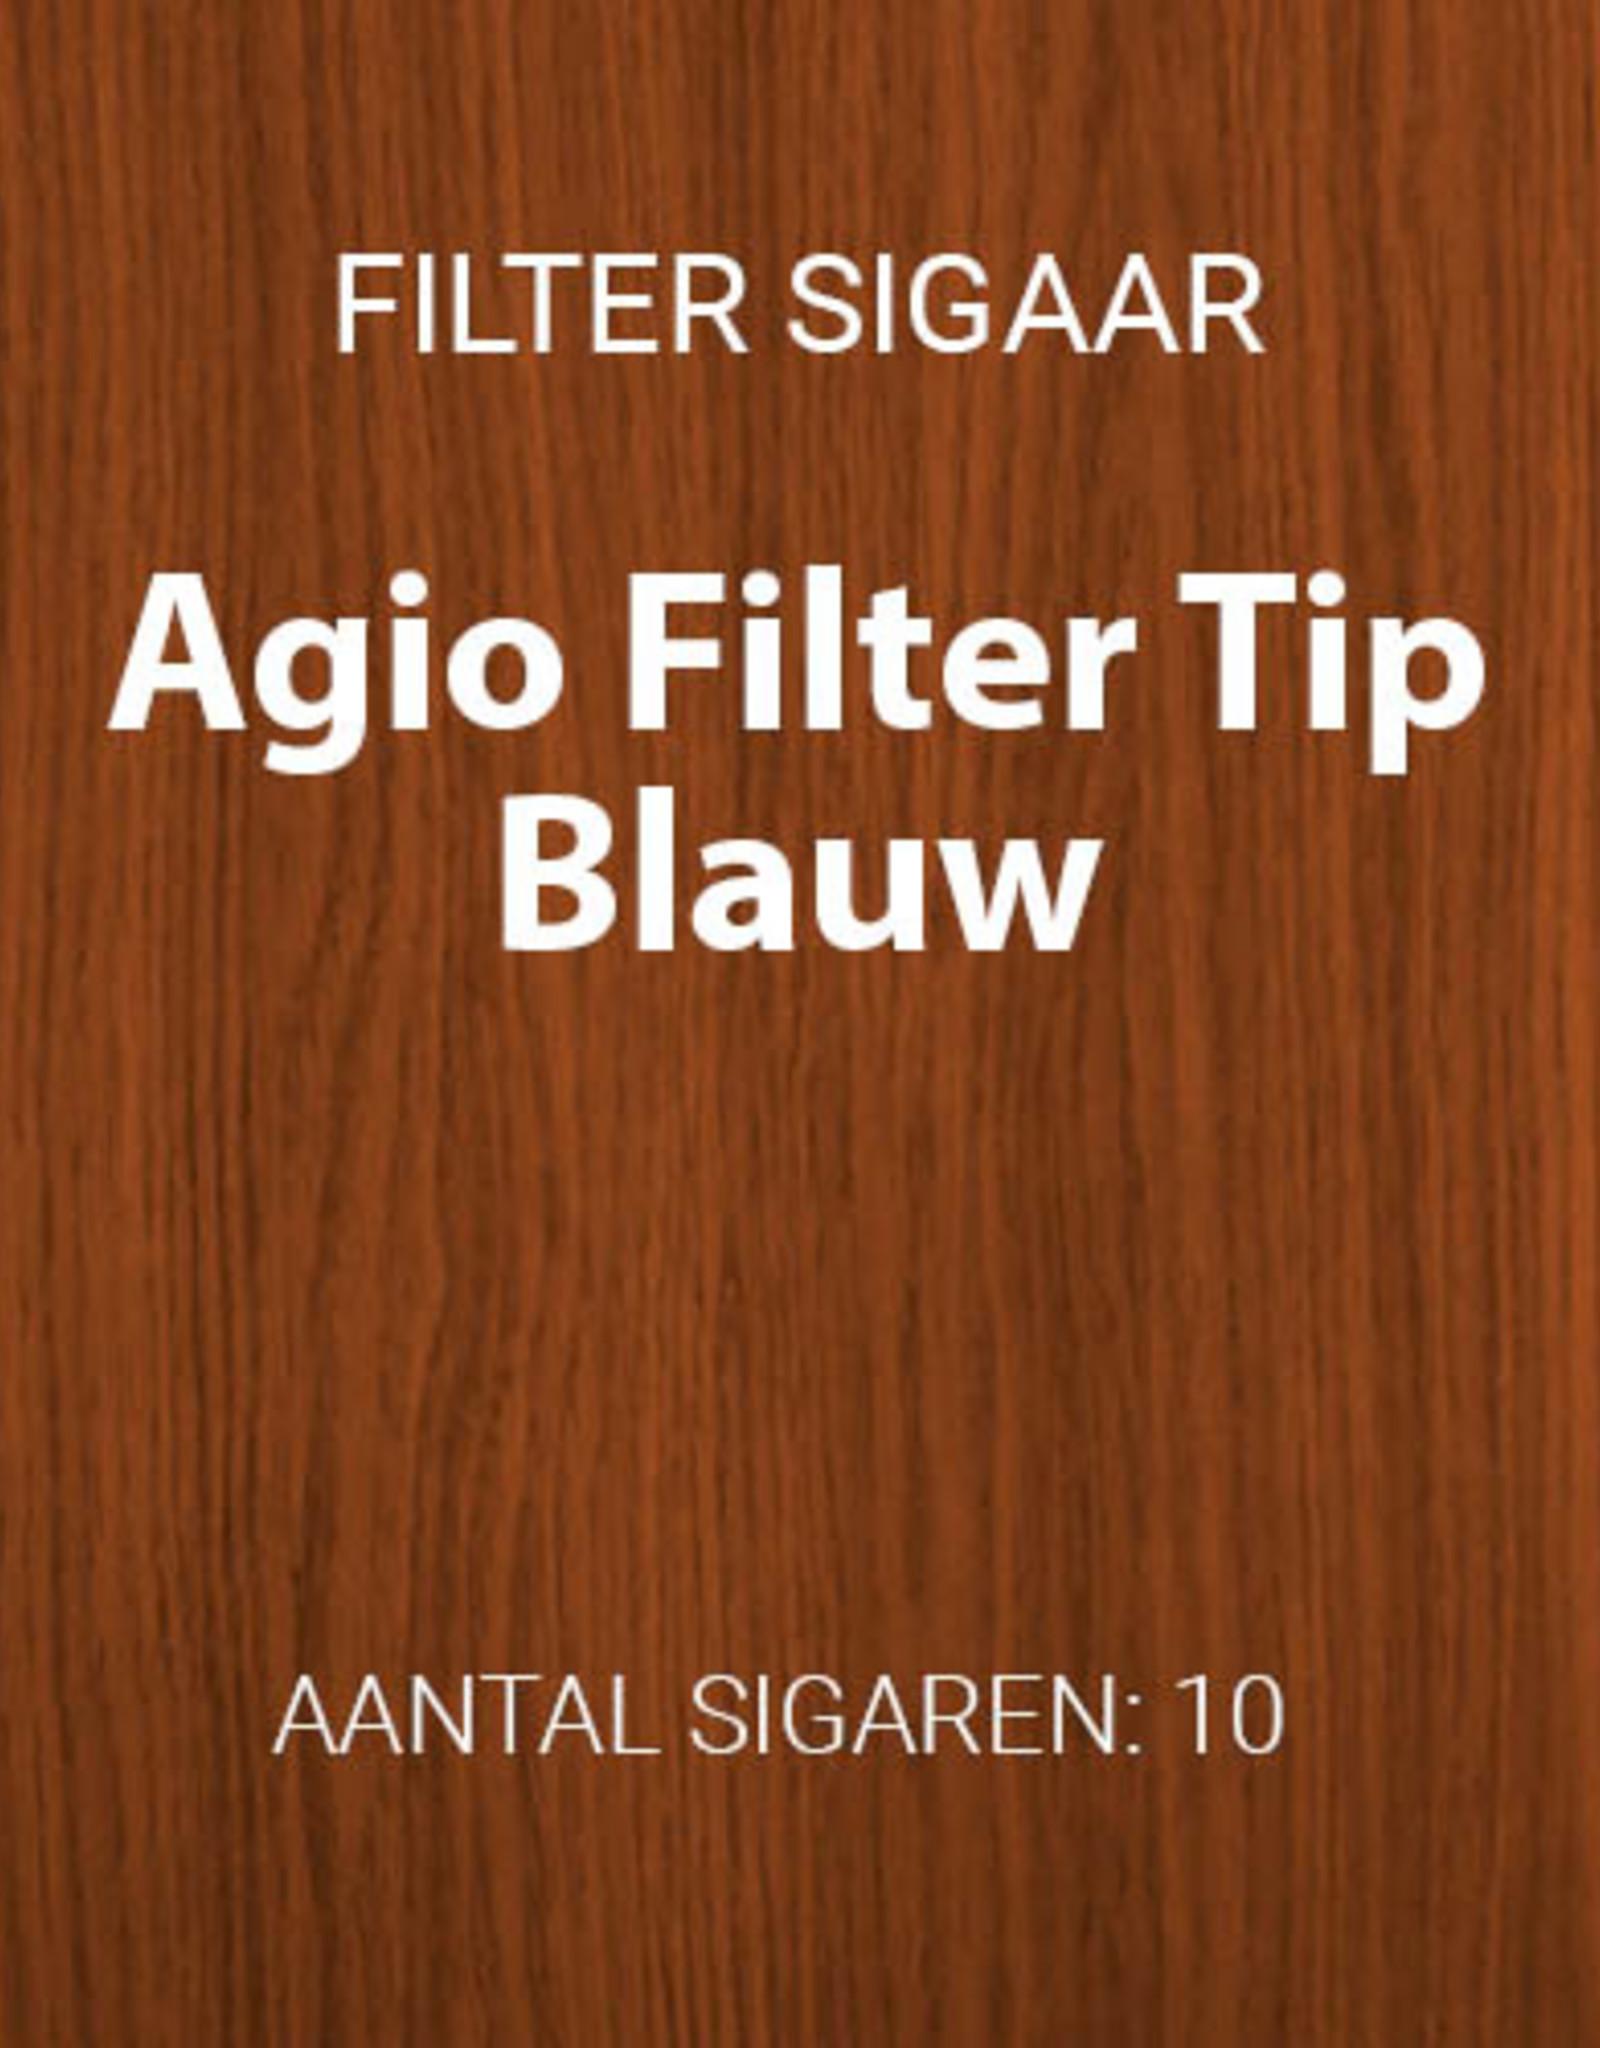 Agio Filter Tip Blauw